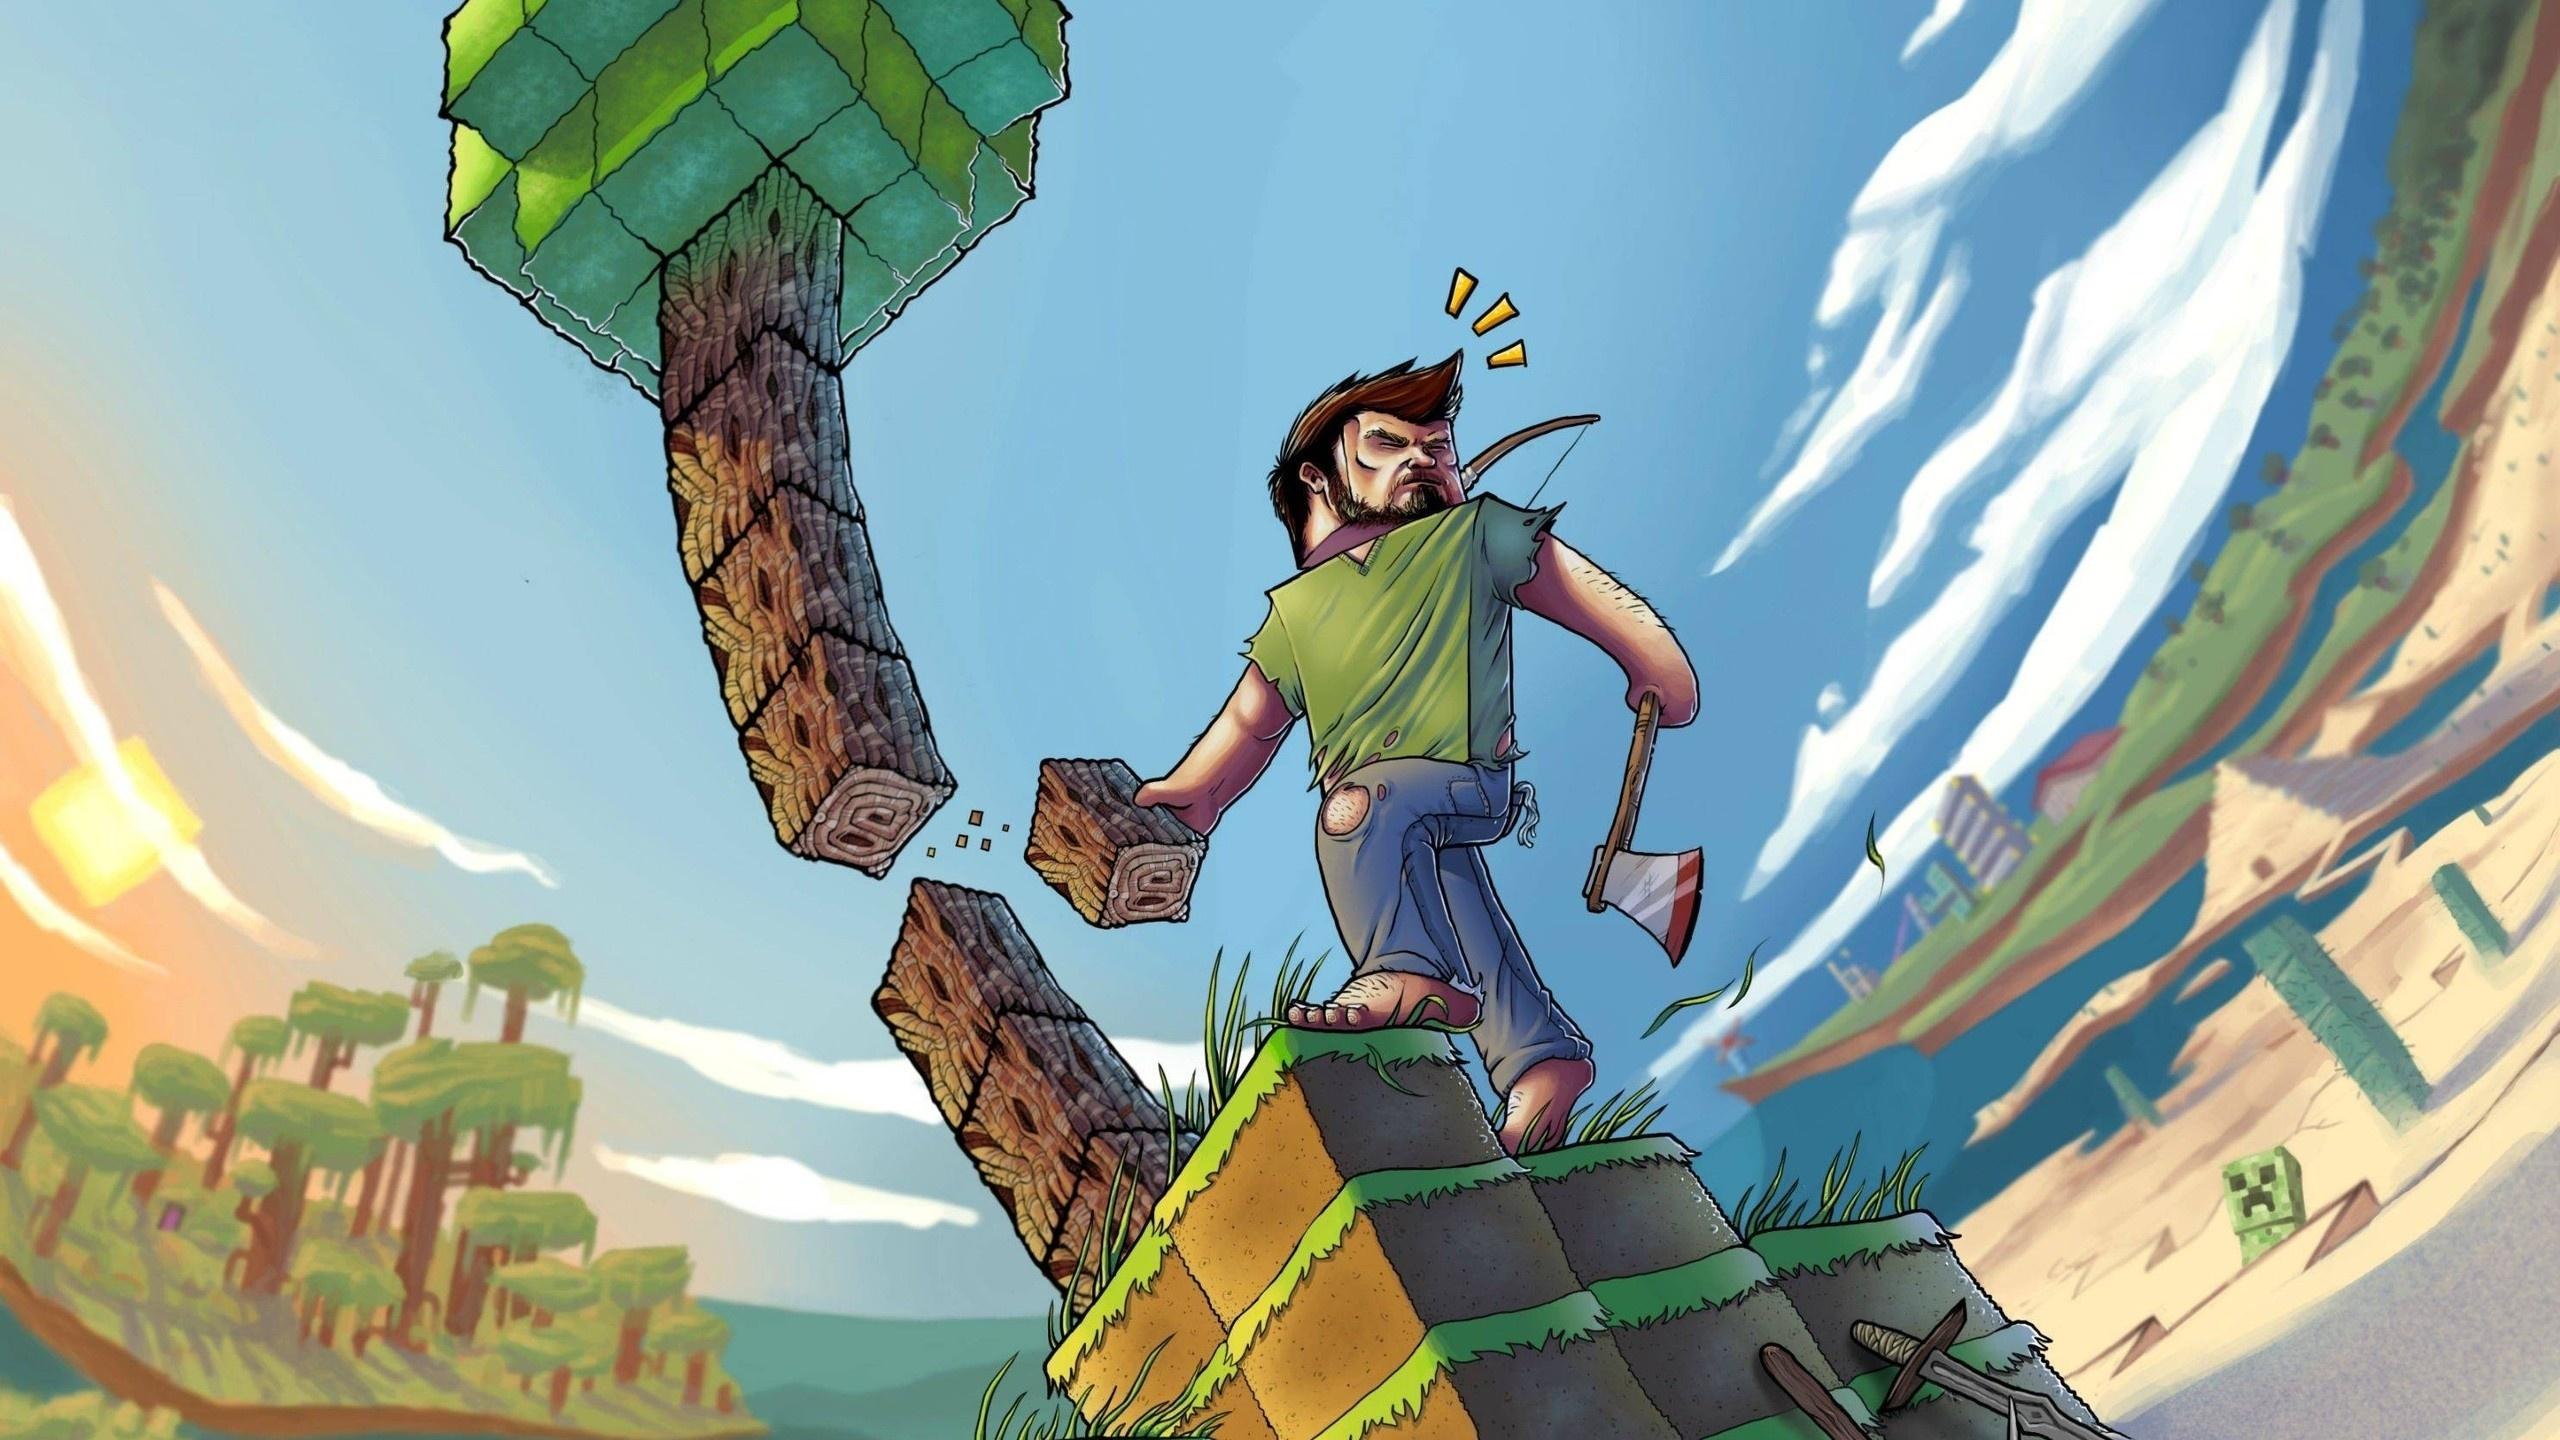 Minecraft best background